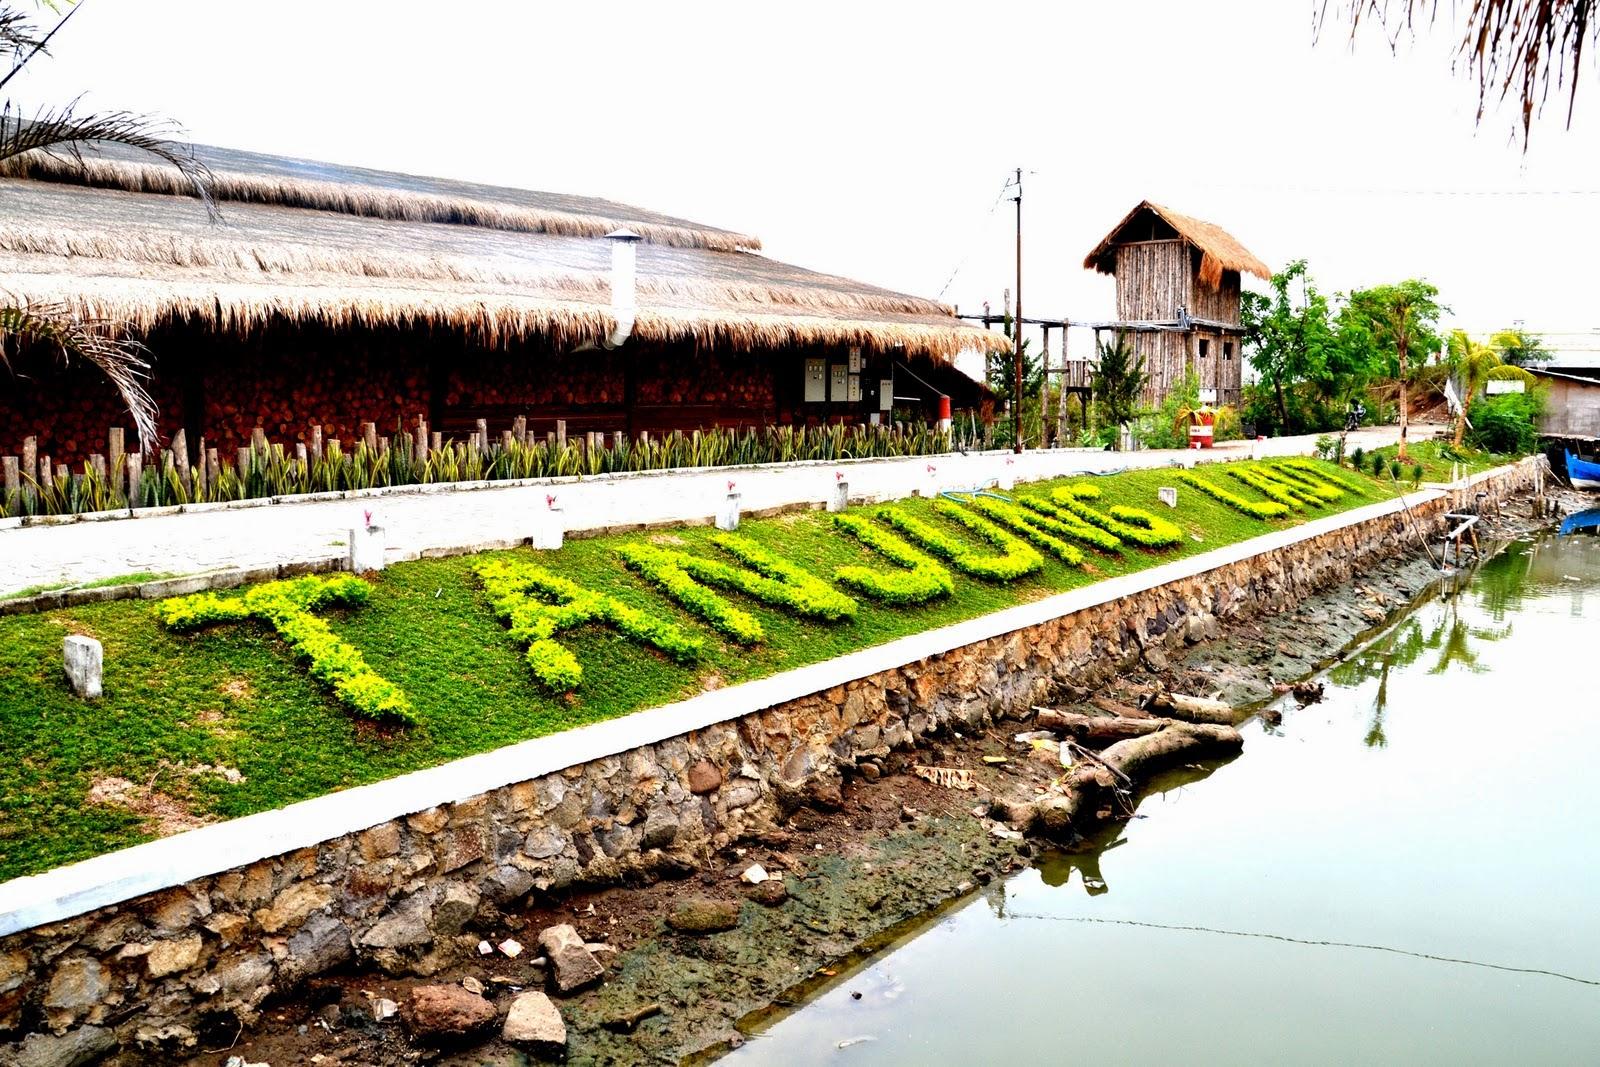 Rumah Makan Lesehan & Pemancingan Tanjung Laut Semarang, Rental Motor, Rental Motor Semarang, Sewa Motor, Sewa Motor Semarang, Rental Motor Murah Semarang, Sewa Motor Murah Semarang,